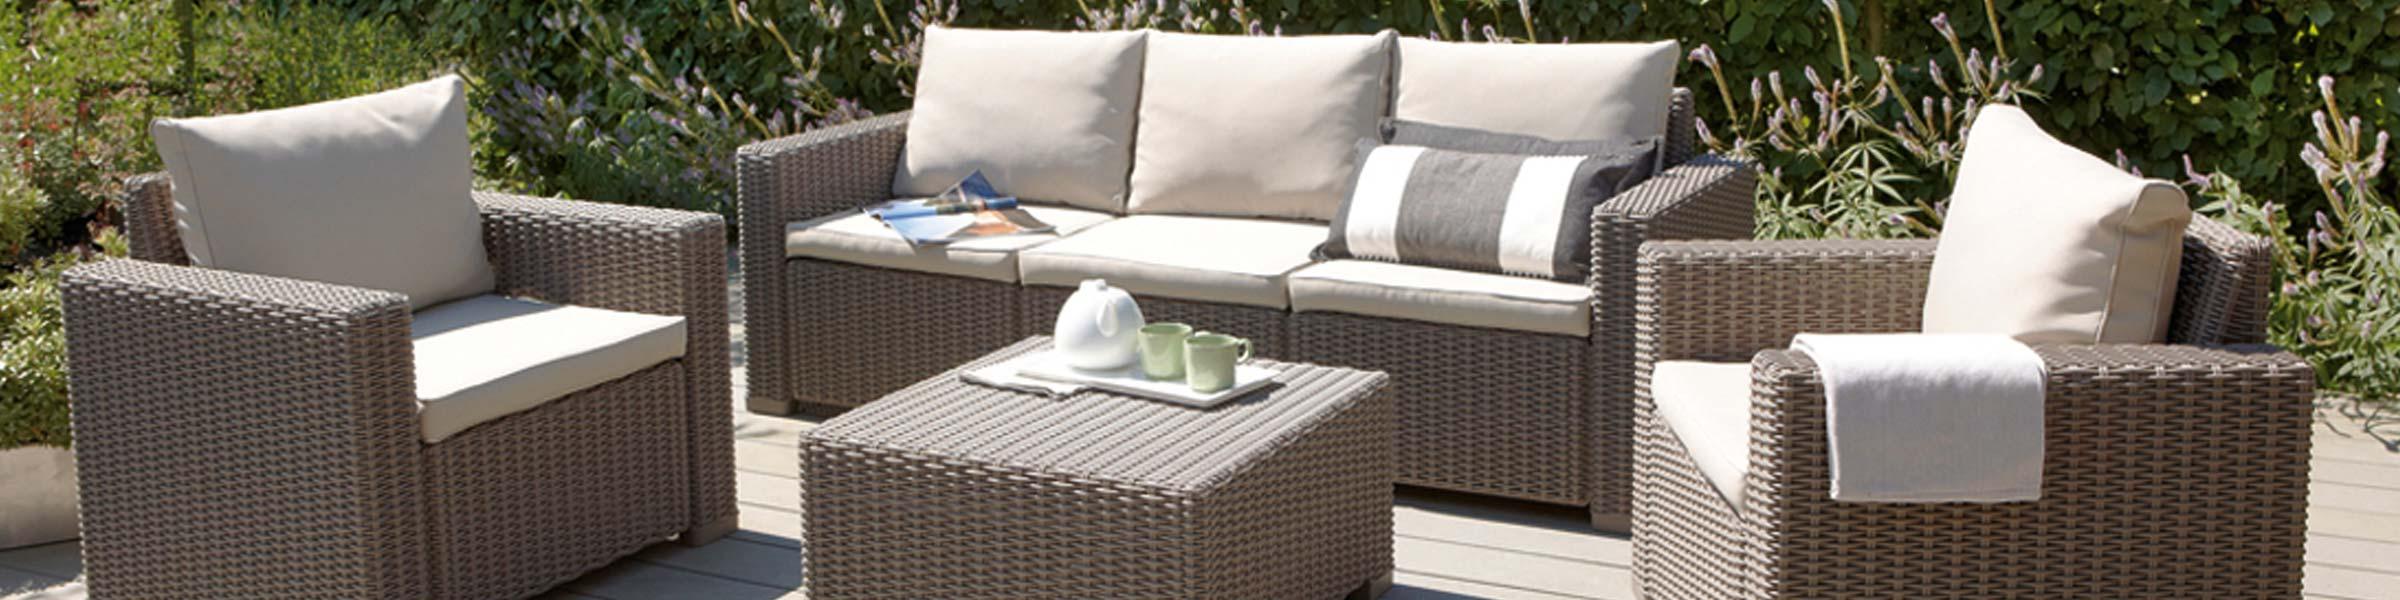 best freizeitm bel online kaufen drau en relaxen dehner. Black Bedroom Furniture Sets. Home Design Ideas